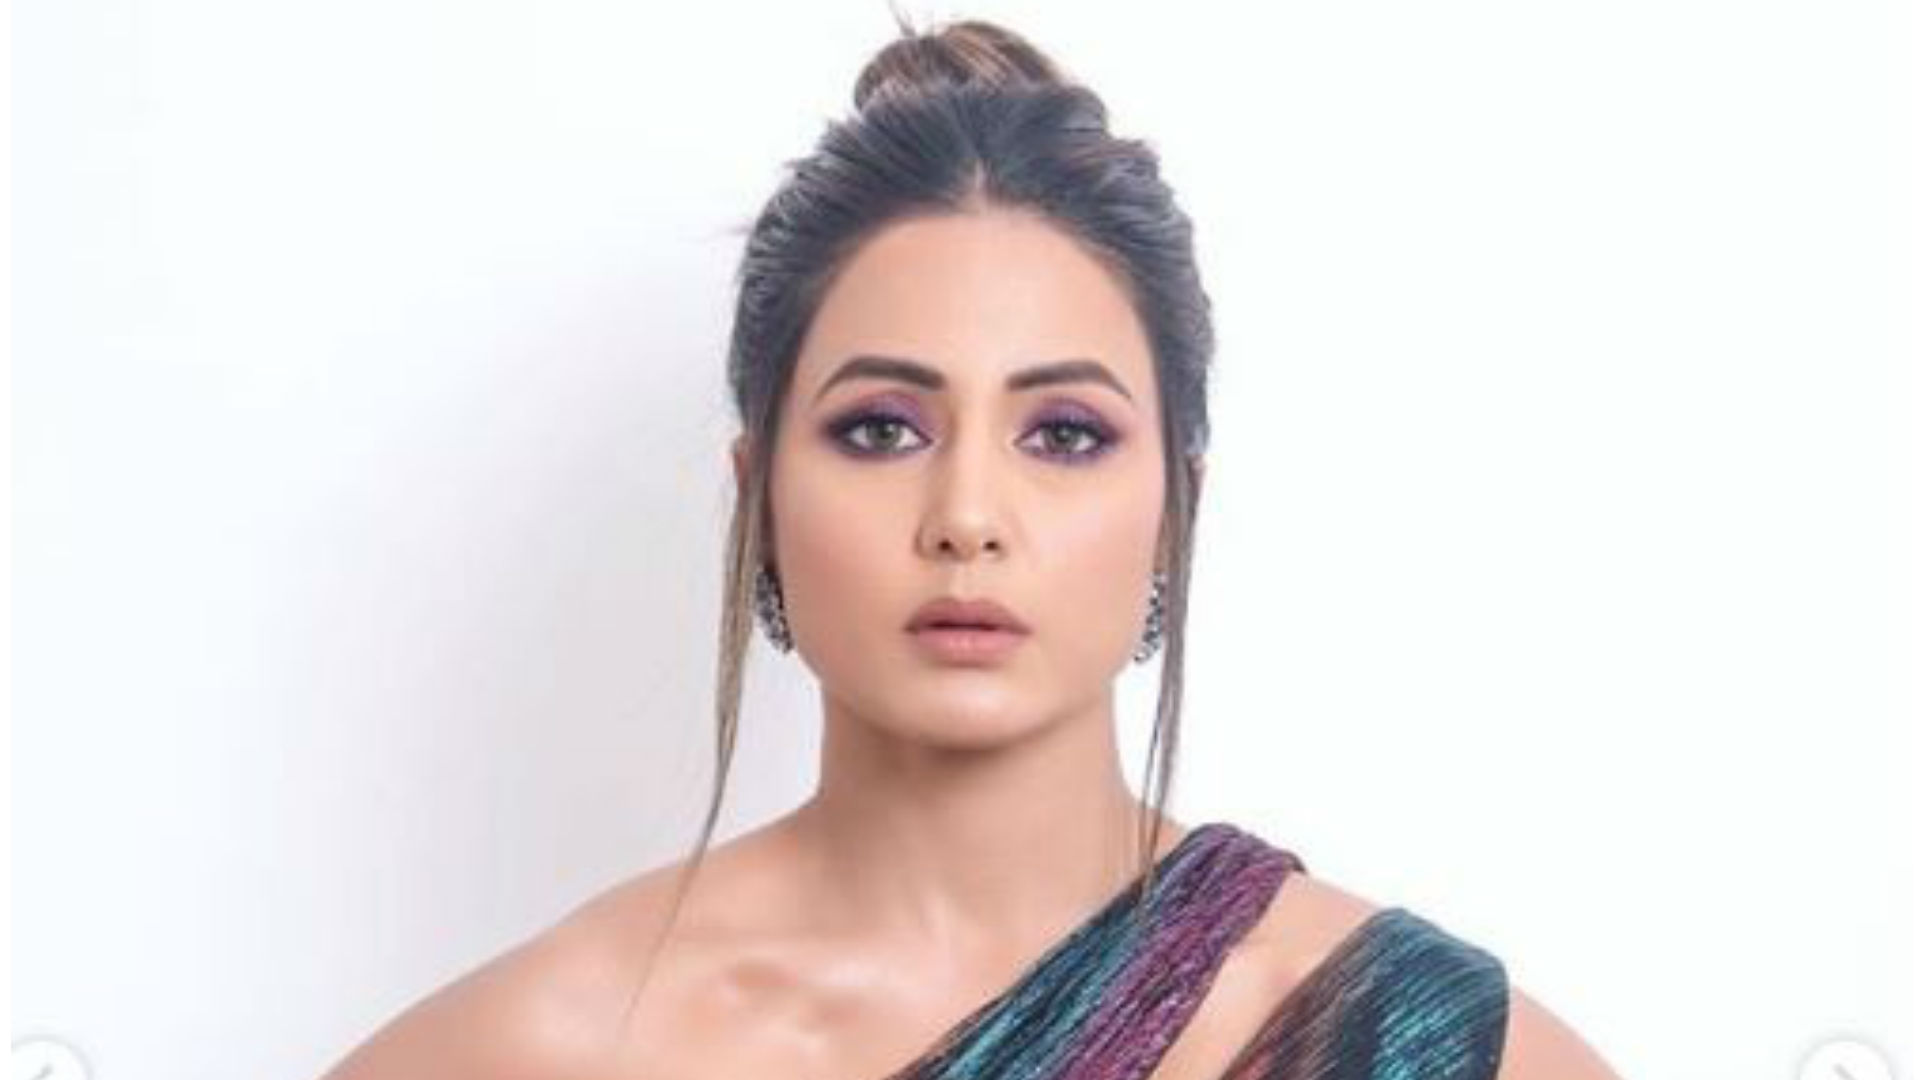 कसौटी जिंदगी की 2 छोड़ने वाली अफवाहों पर हिना खान ने तोड़ी चुप्पी, कहा- ले रही हूं सिर्फ कुछ वक्त का ब्रेक